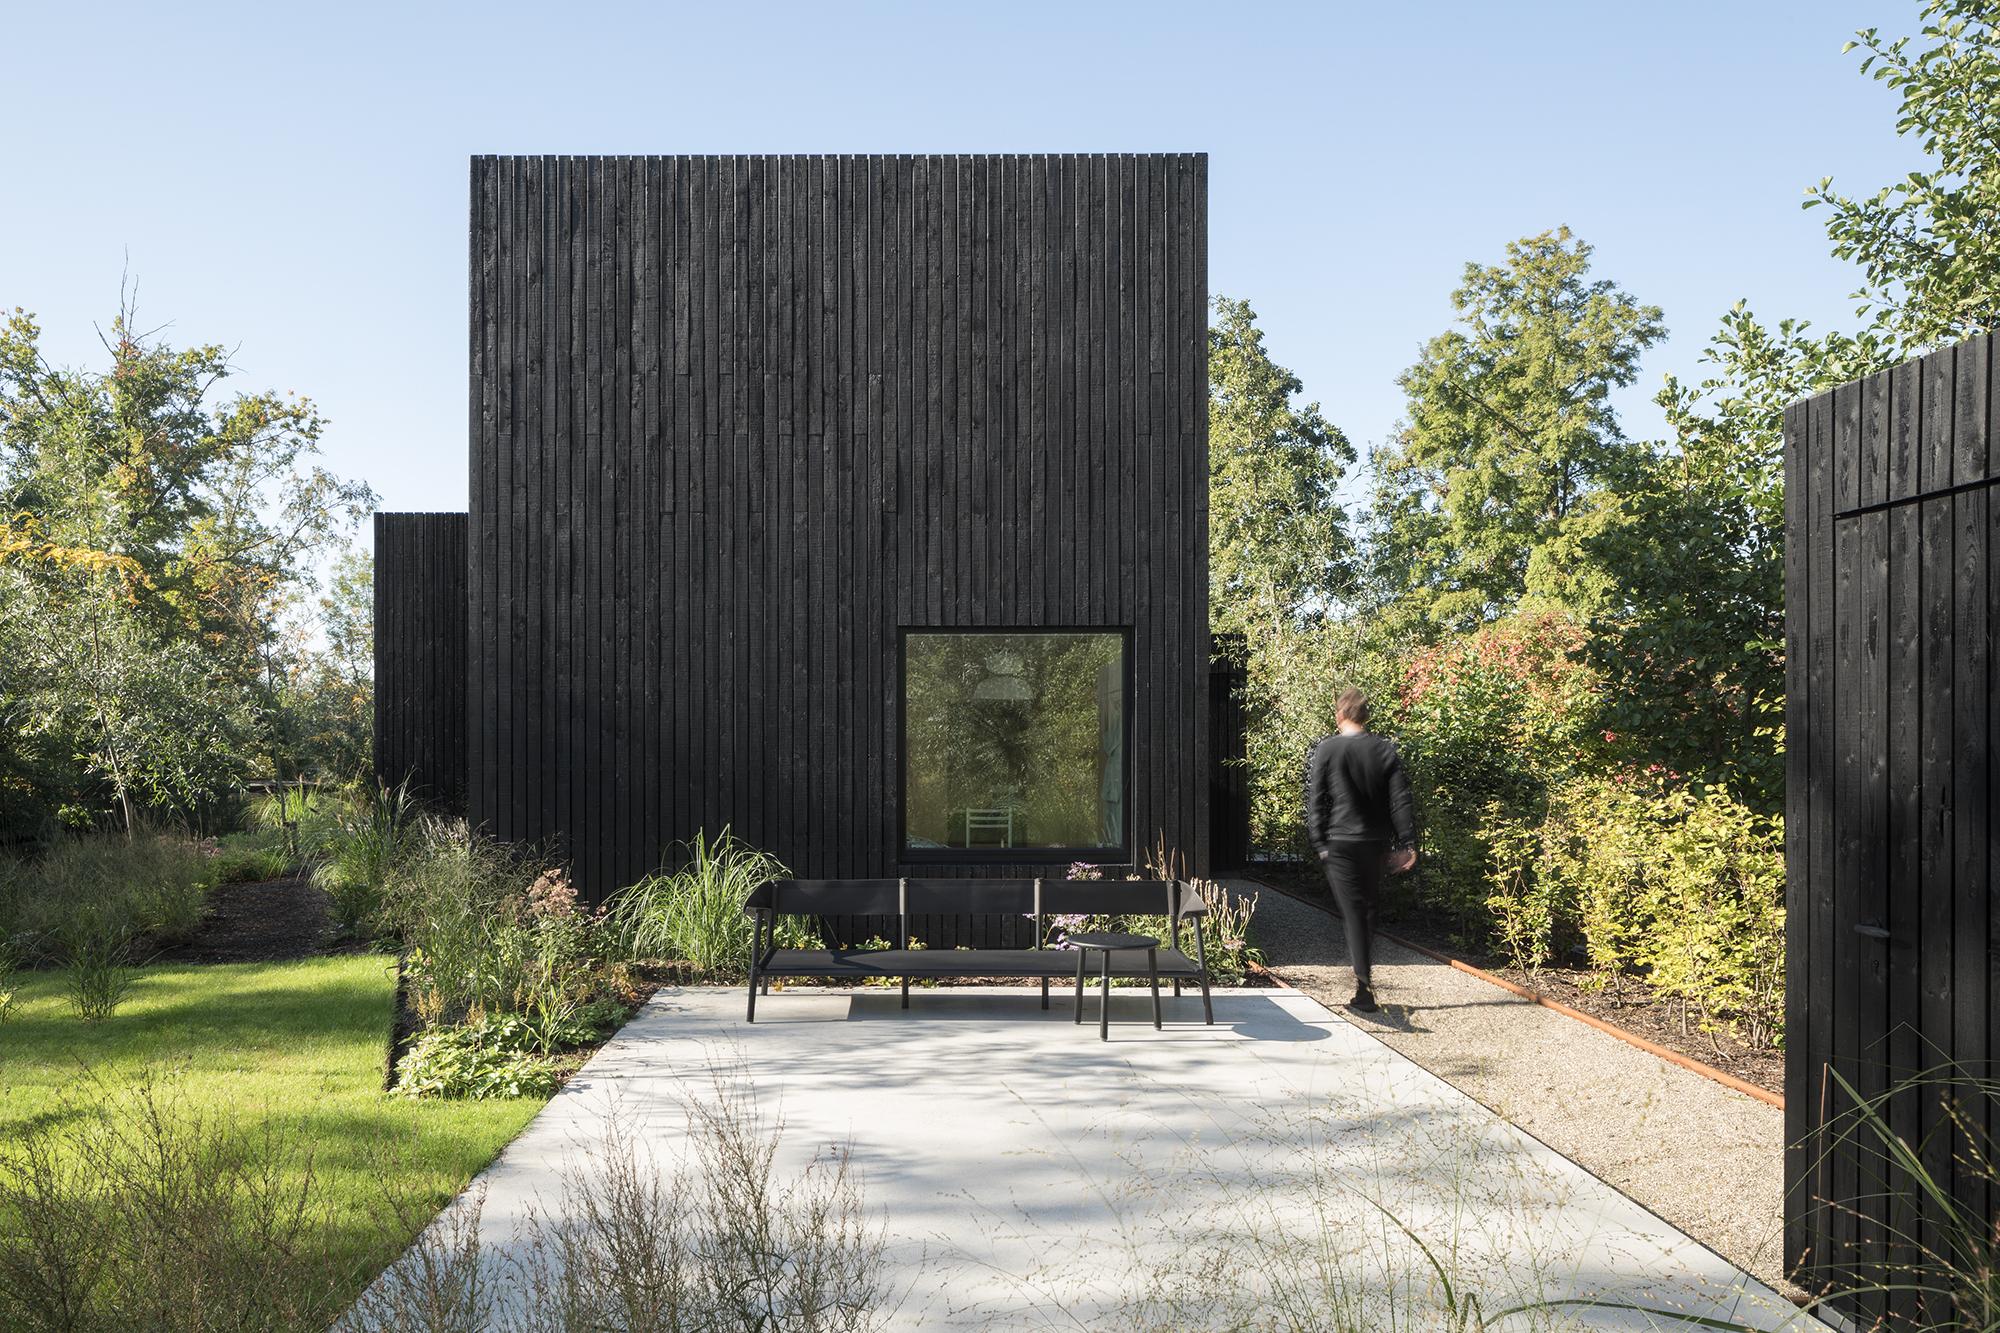 <p>Genomineerd Tiny Holiday Home in Vinkeveen door i29 interior architects en Chris Collaris, beeld Ewout Huibers</p>